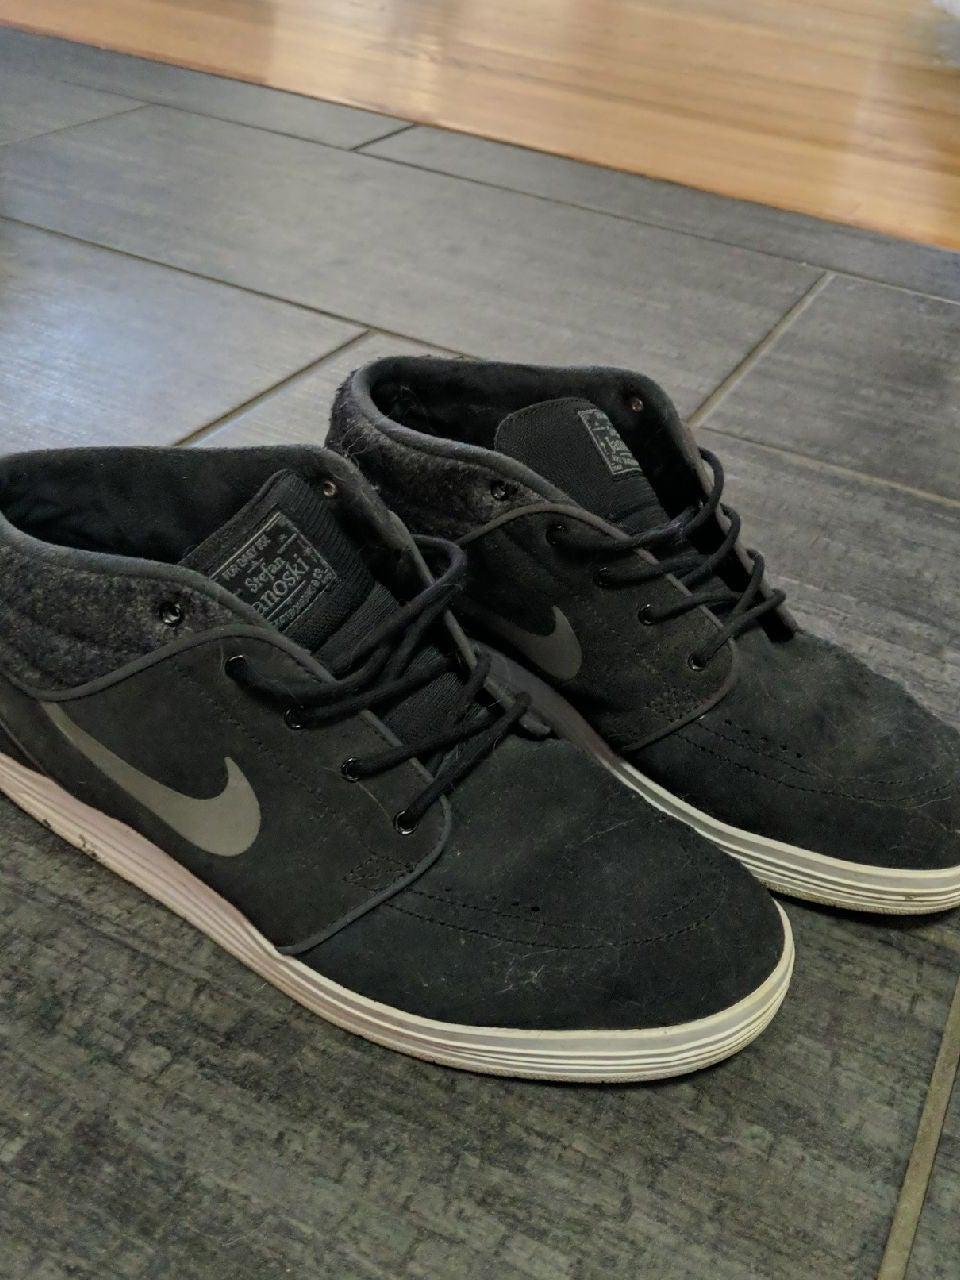 Nike Stefan janoski sneakers